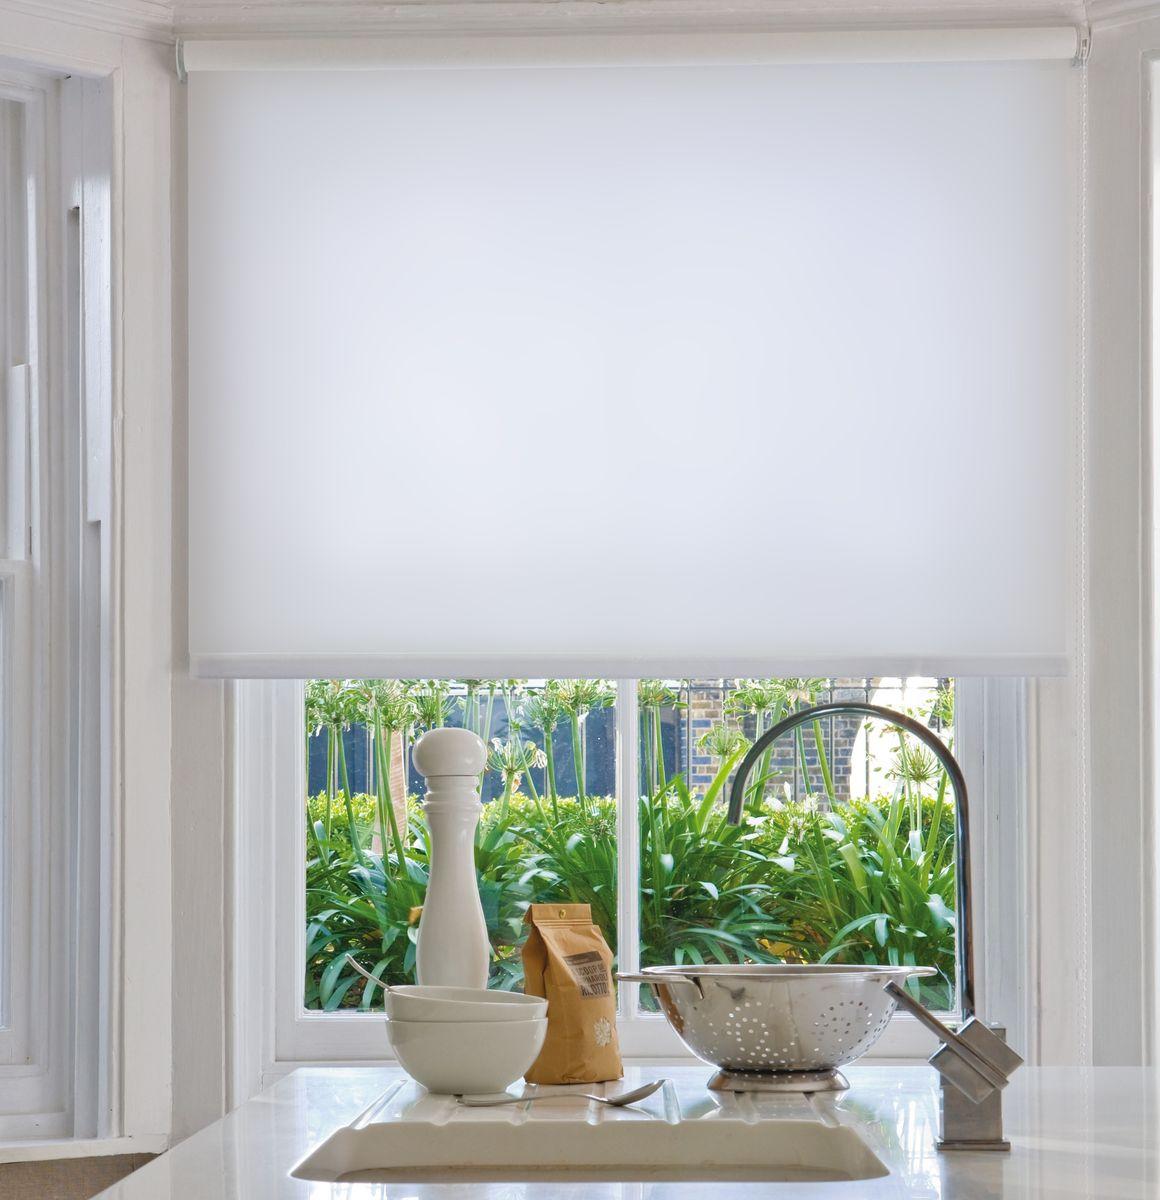 Штора рулонная Эскар Миниролло, цвет: белый, ширина 90 см, высота 170 см31008090170Рулонная штора Эскар Миниролло выполнена из высокопрочной ткани, которая сохраняет свой размер даже при намокании. Ткань не выцветает и обладает отличной цветоустойчивостью.Миниролло - это подвид рулонных штор, который закрывает не весь оконный проем, а непосредственно само стекло. Такие шторы крепятся на раму без сверления при помощи зажимов или клейкой двухсторонней ленты (в комплекте). Окно остается на гарантии, благодаря монтажу без сверления. Такая штора станет прекрасным элементом декора окна и гармонично впишется в интерьер любого помещения.